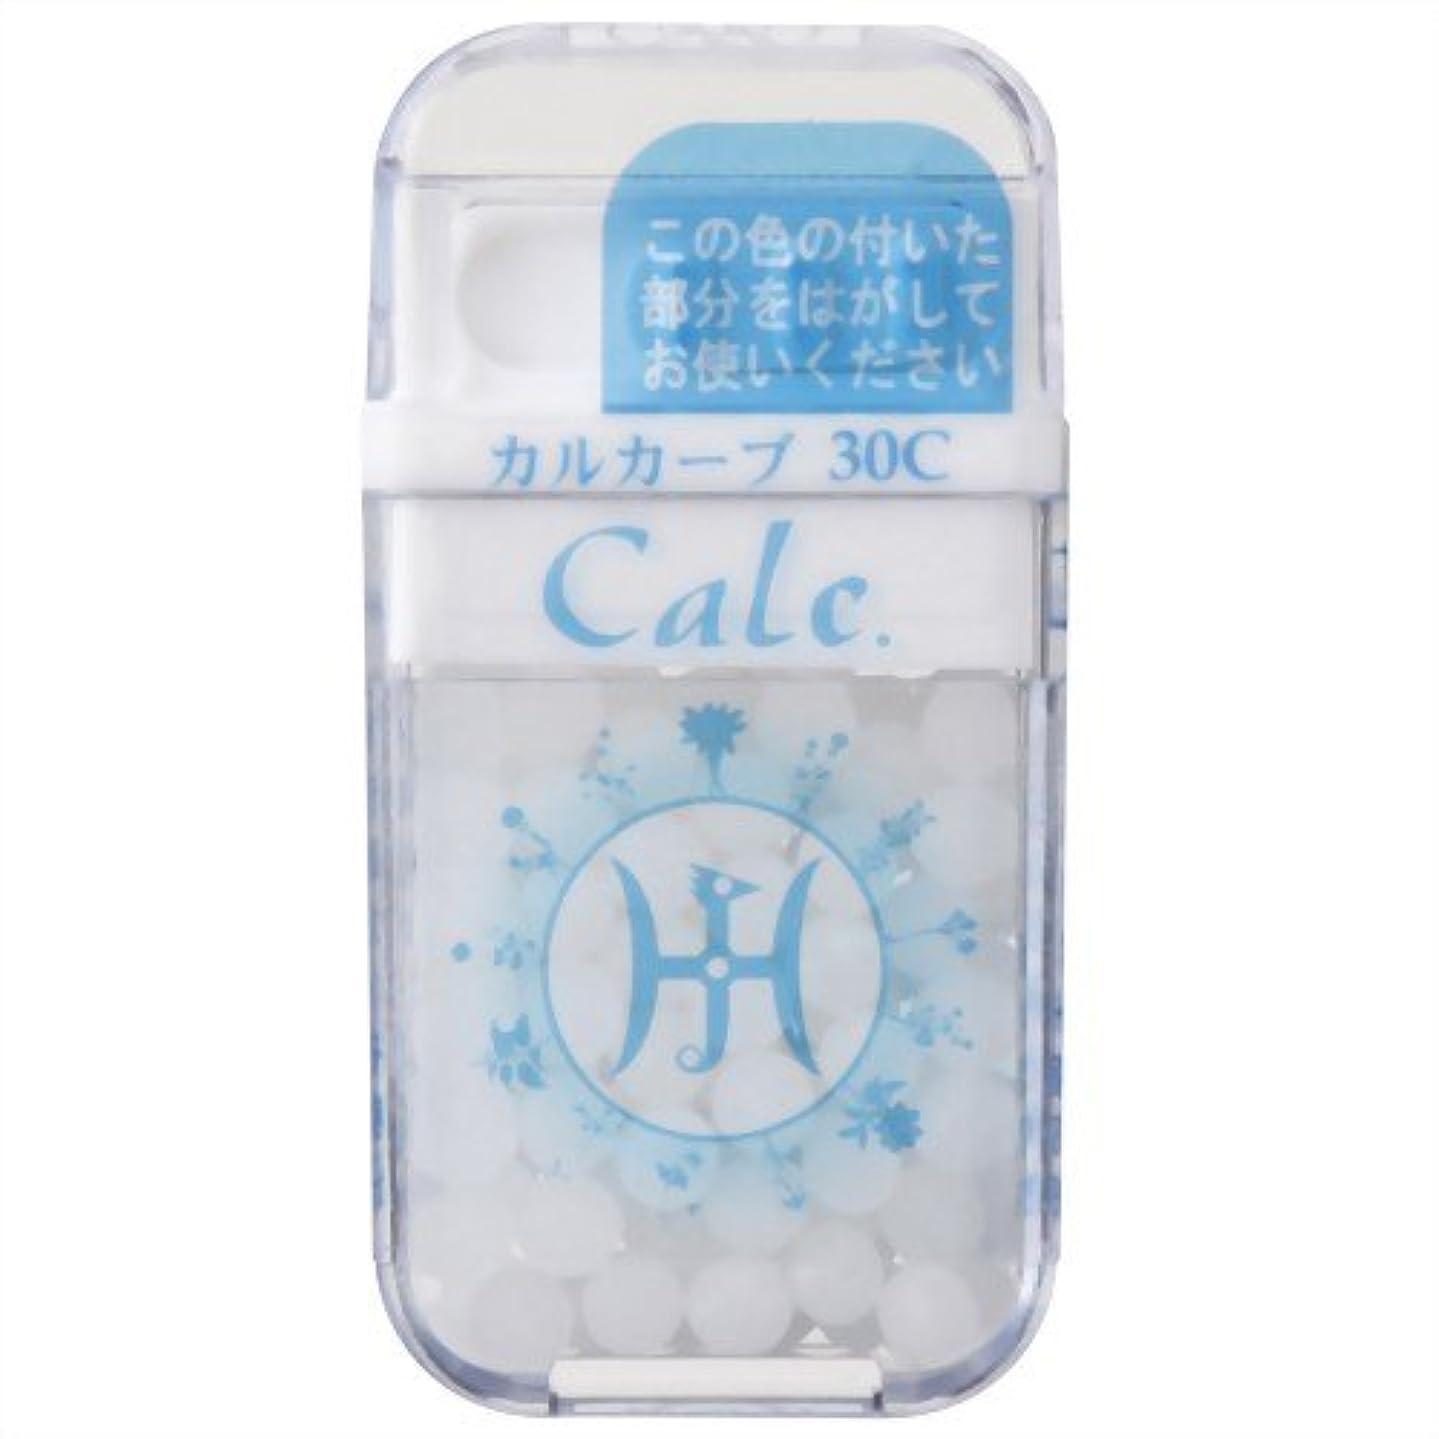 公使館フェミニン対ホメオパシージャパンレメディー Calc.  カルカーブ 30C (大ビン)